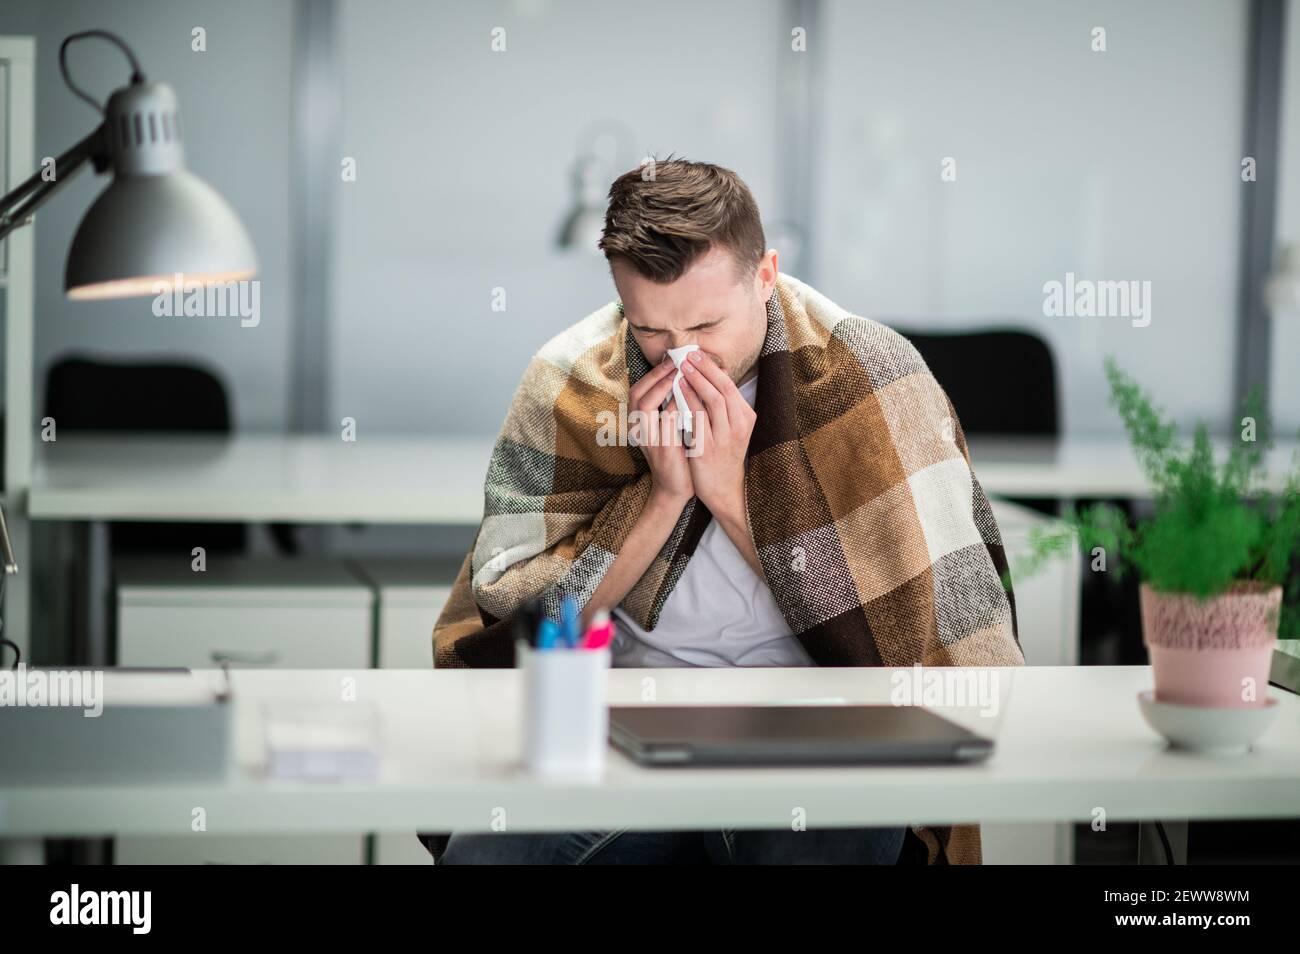 Durante la pandemia, el gerente se resfrío y tiene una nariz muy mocosa Foto de stock